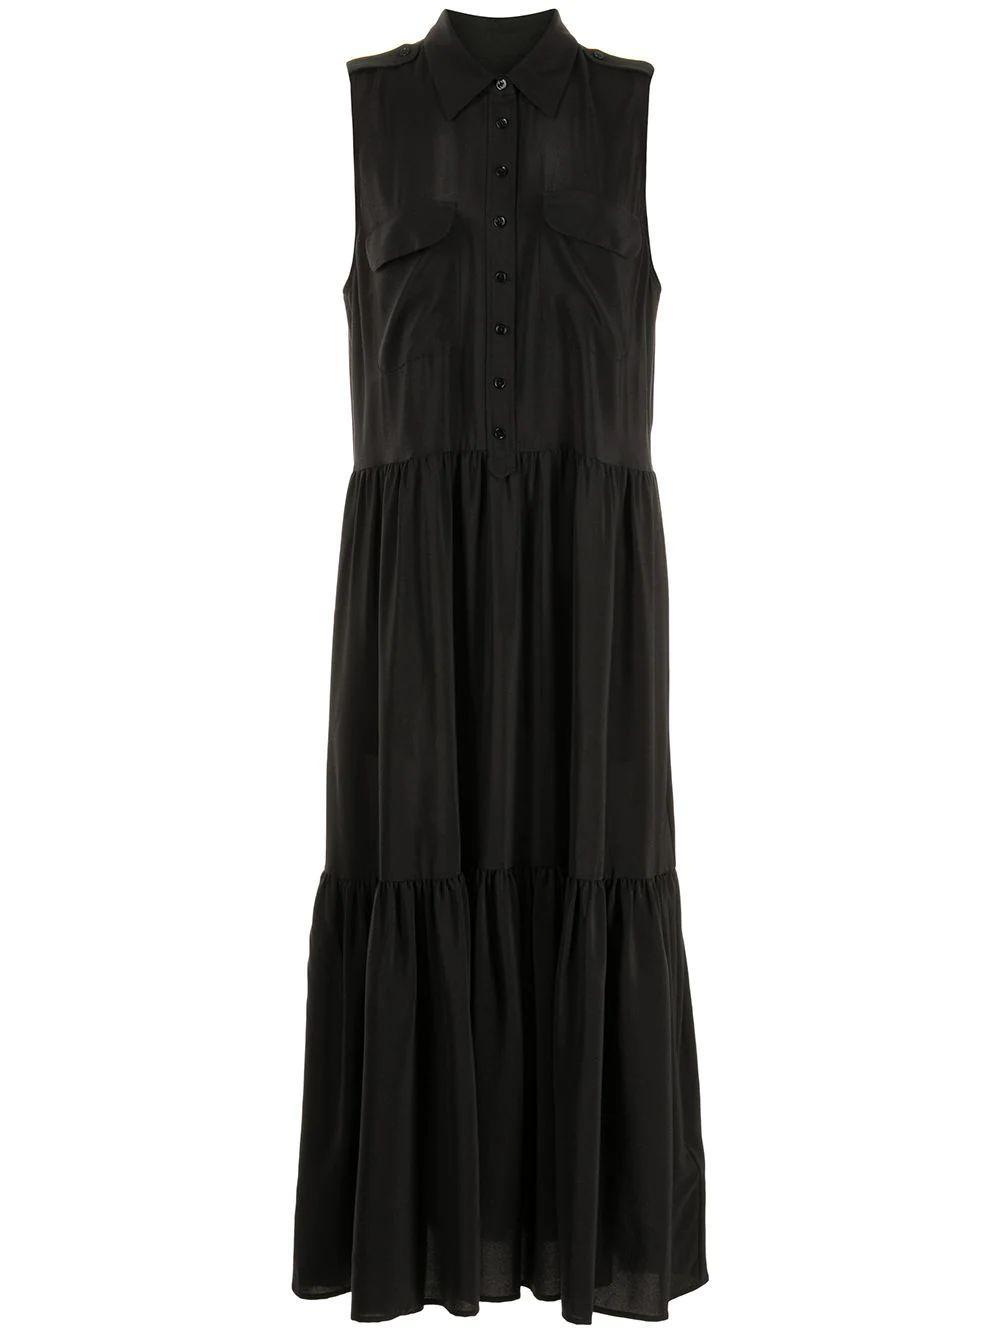 Allix Midi Dress